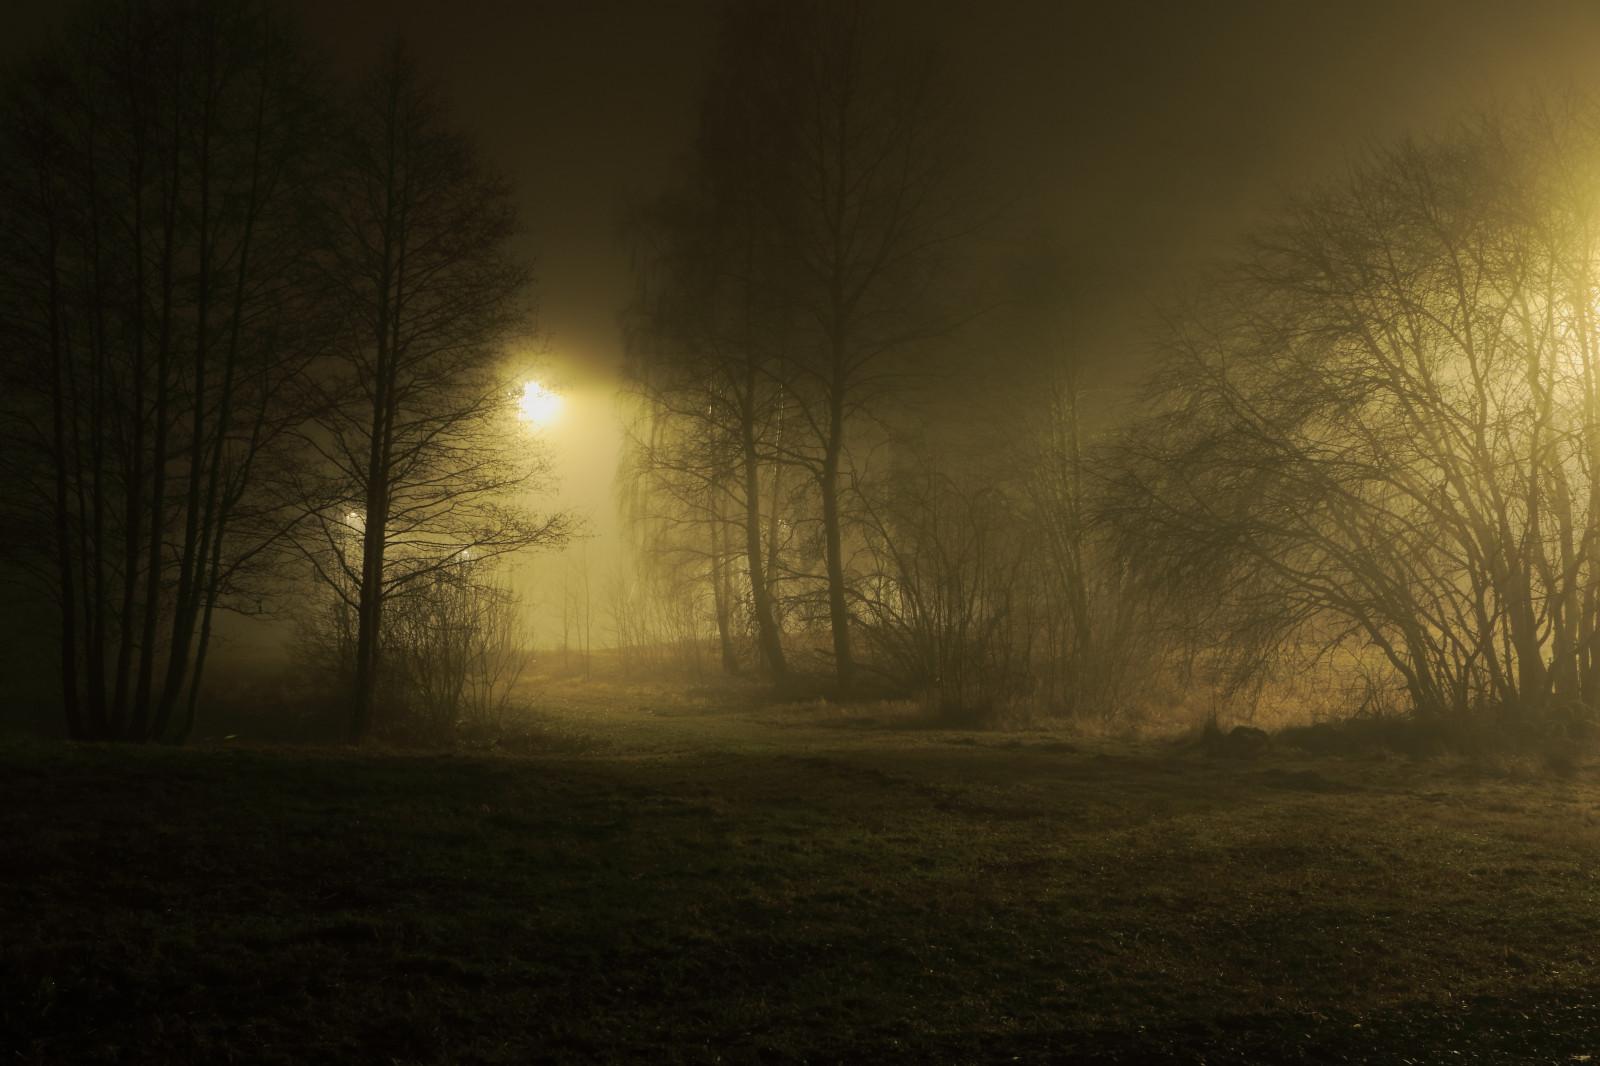 Как сделать фото ночью с телефона сорт